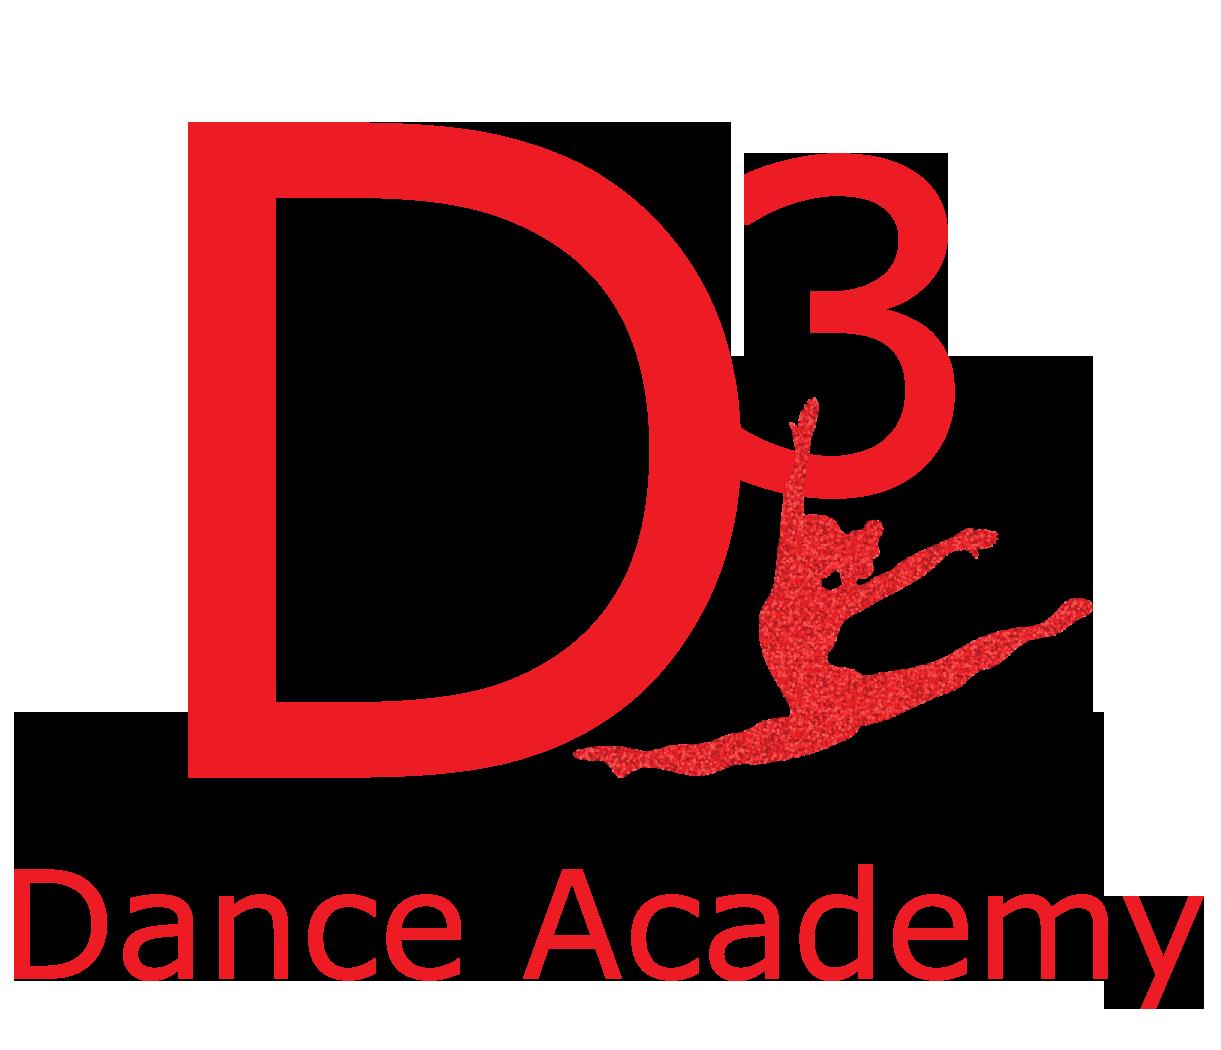 D3 Dance Academy